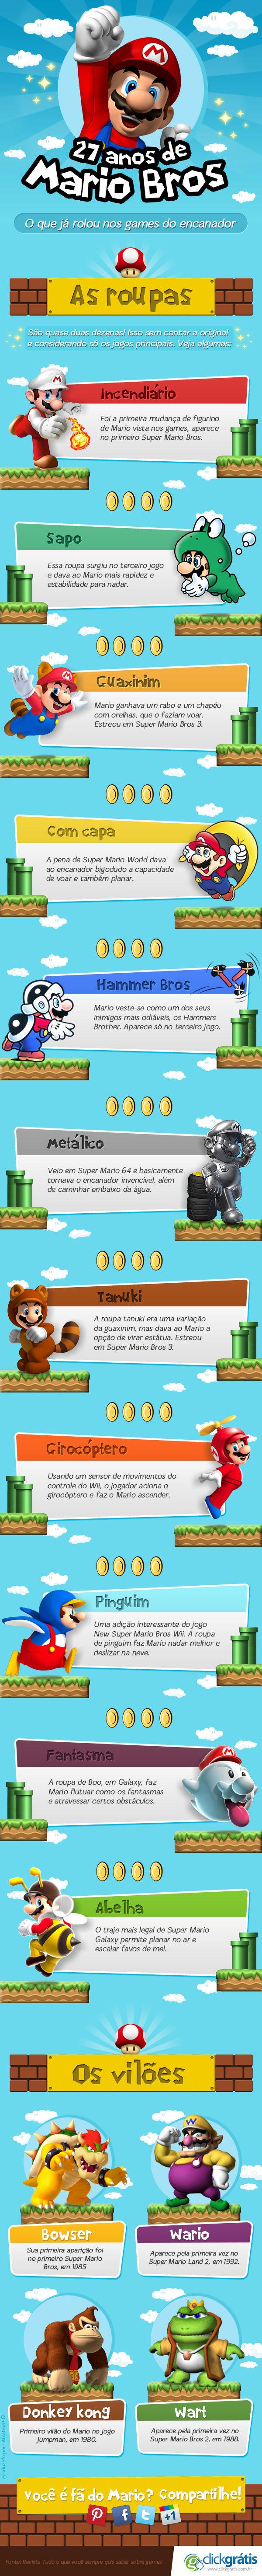 27 anos de Mario Bros